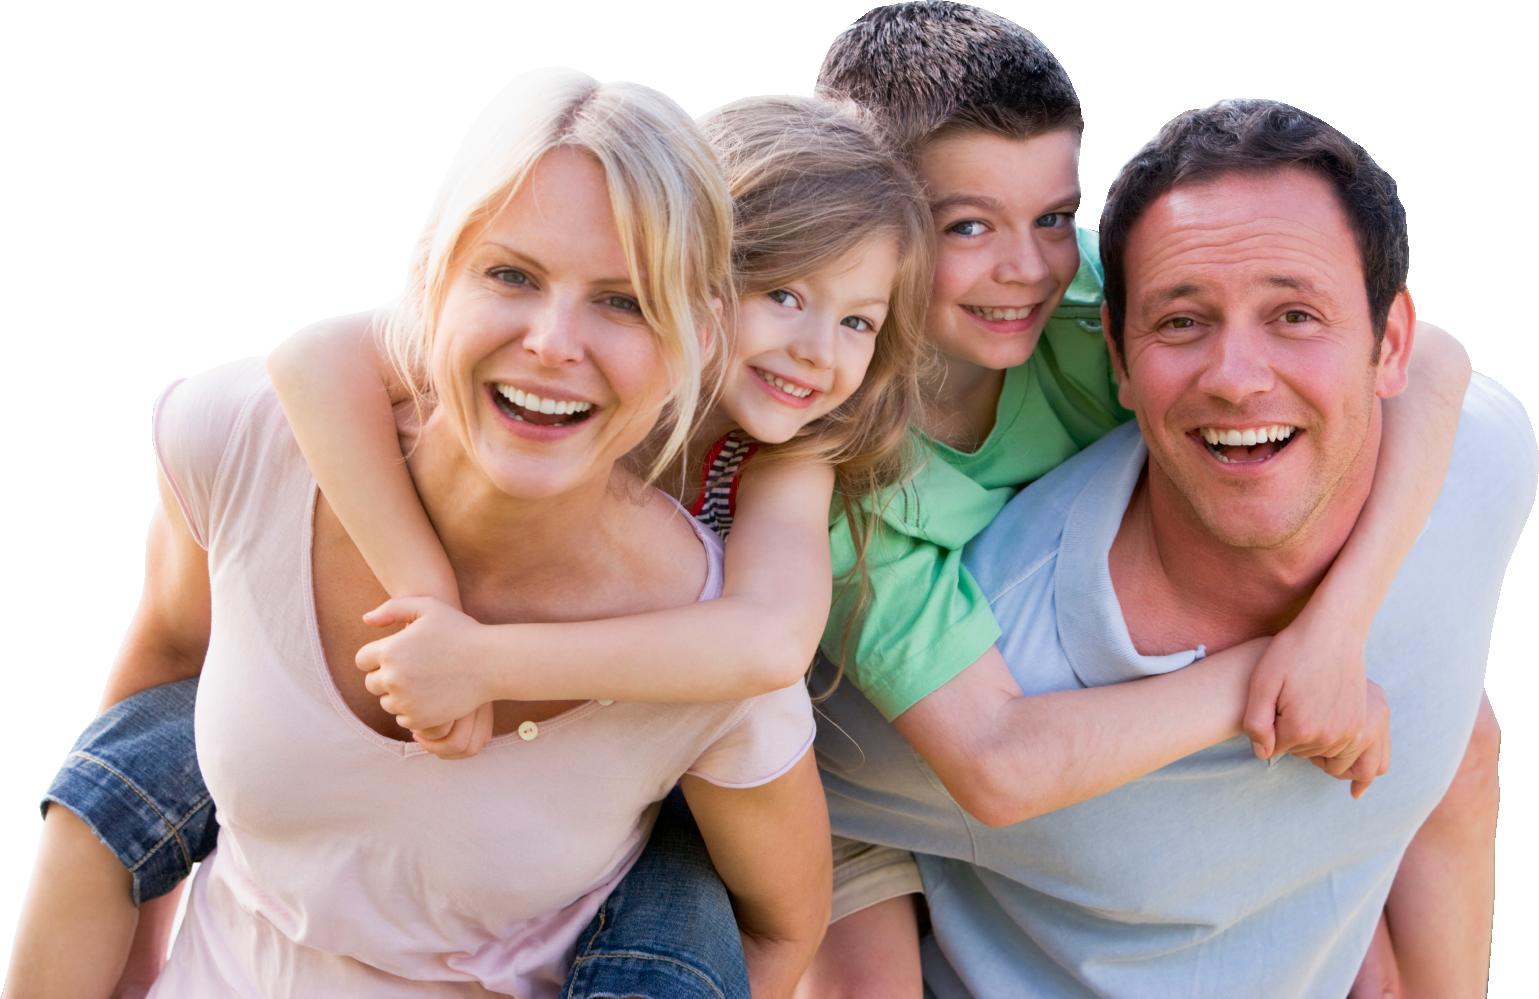 アドセンスを家族が不正クリックしてしまったらどうするべき?